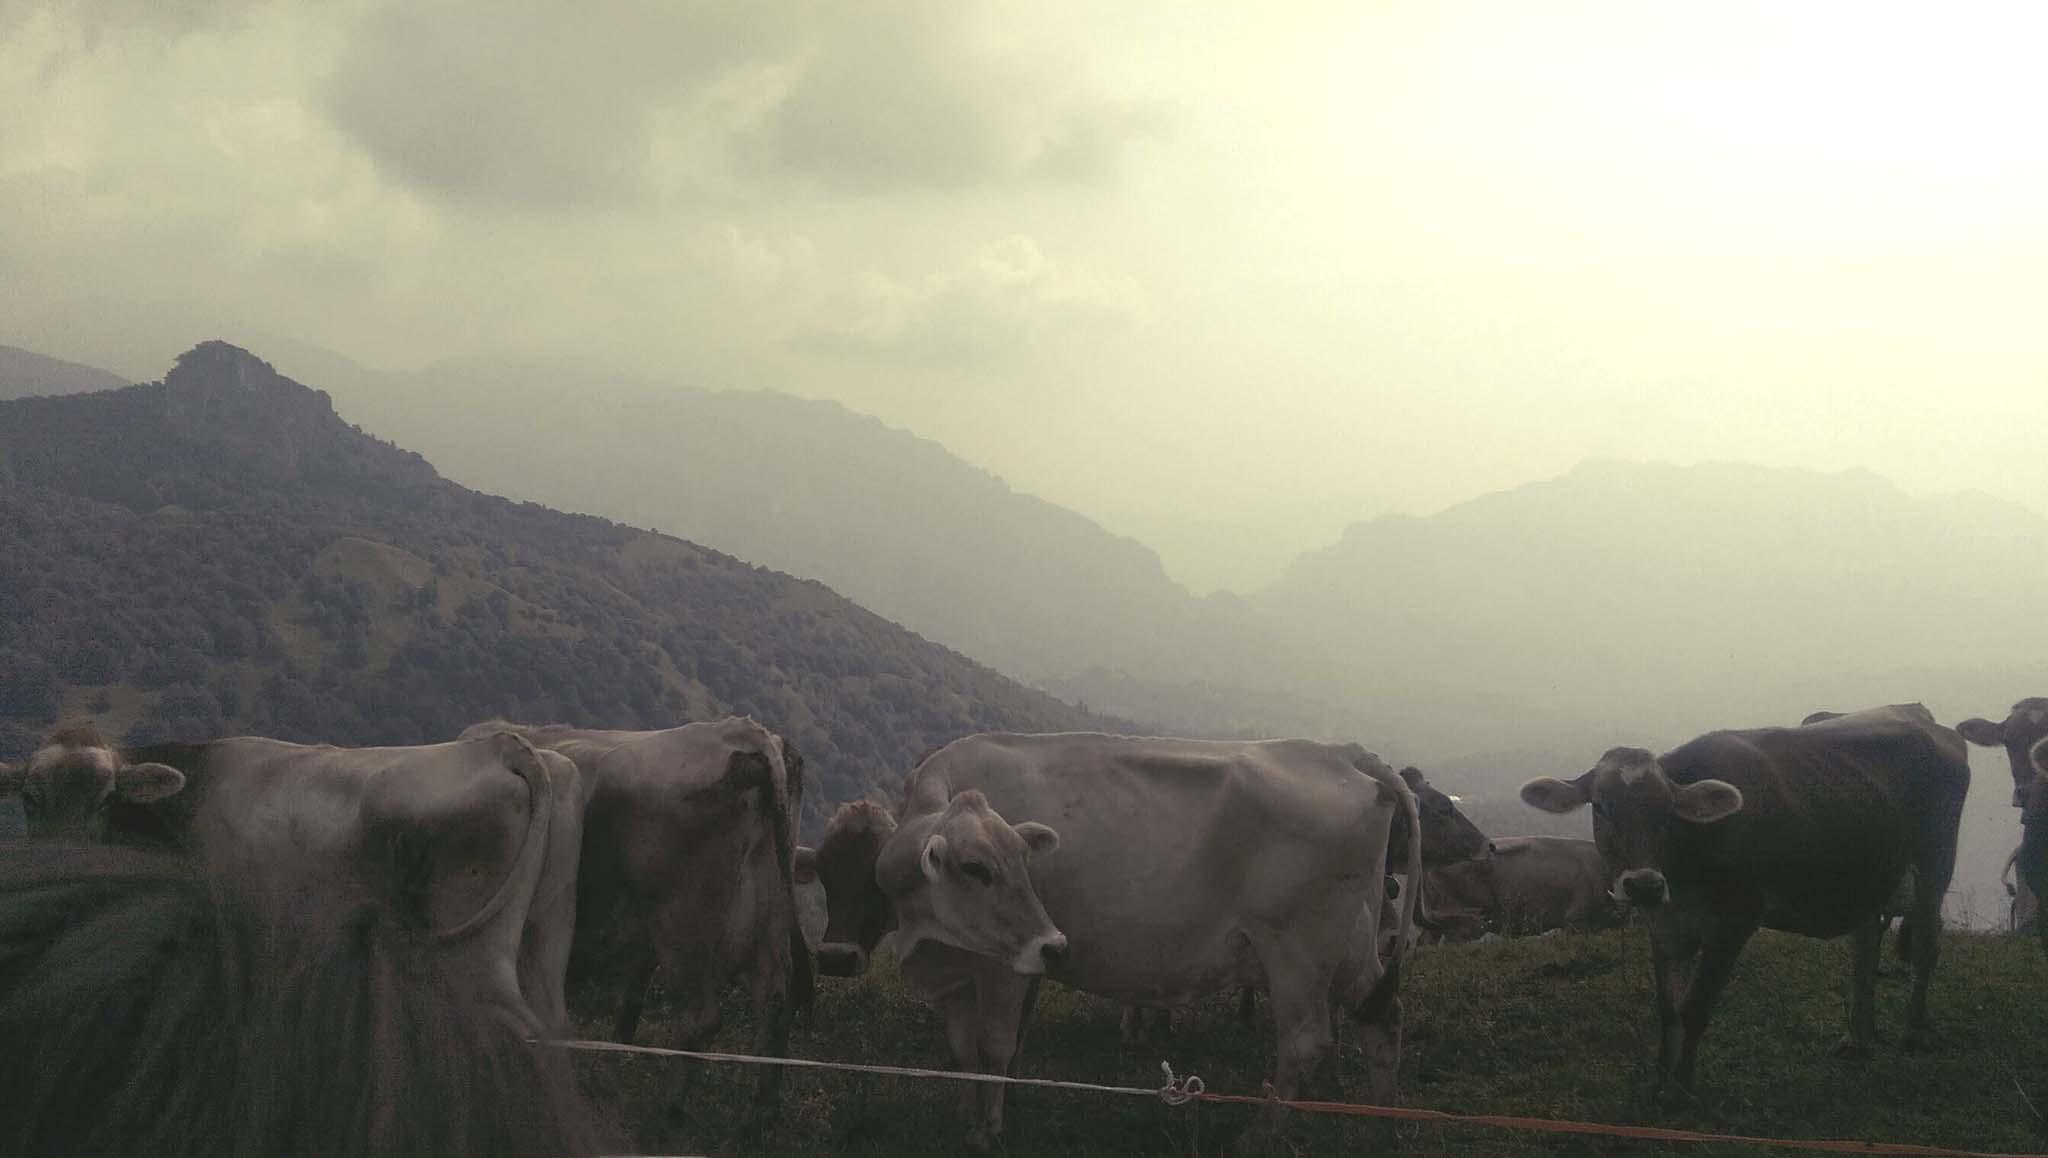 valli-orobie-mucche